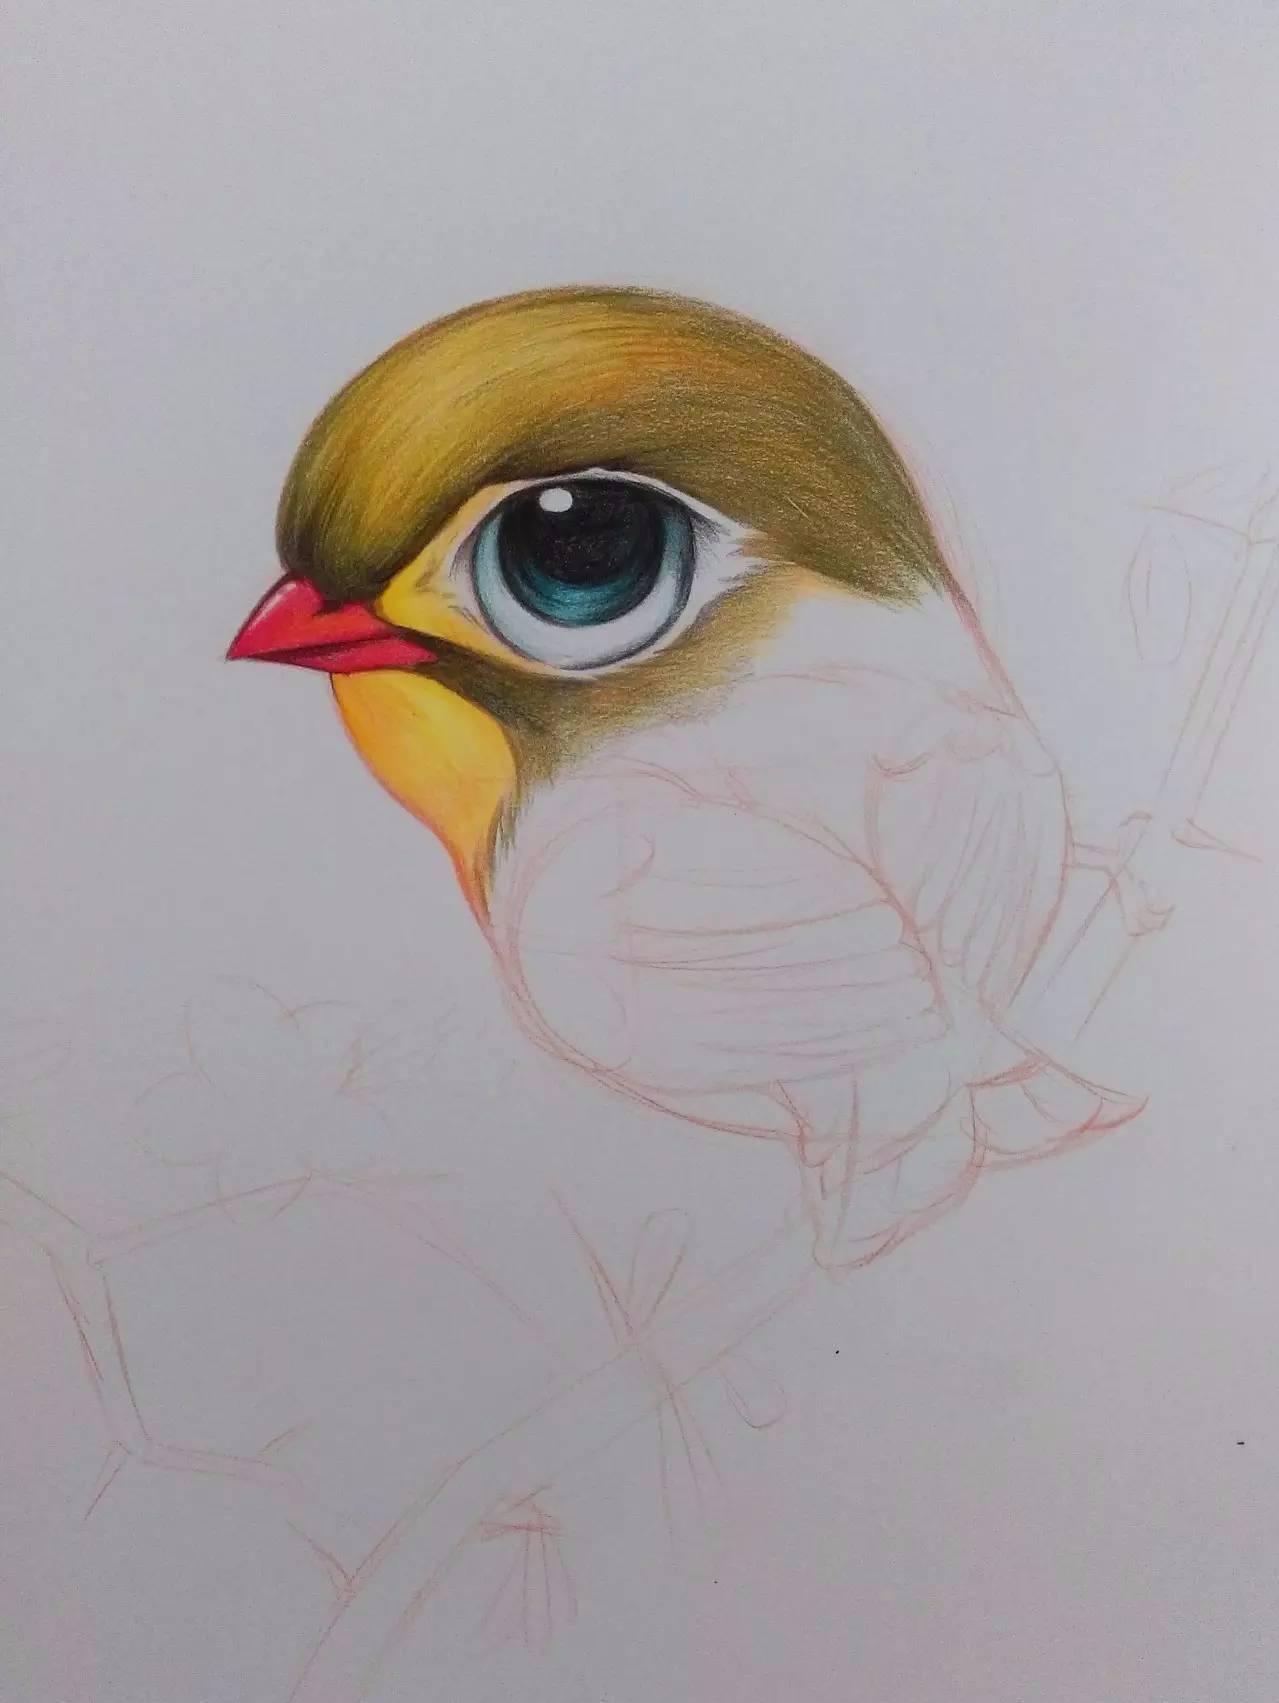 教程| 教你用彩铅画一只相思鸟